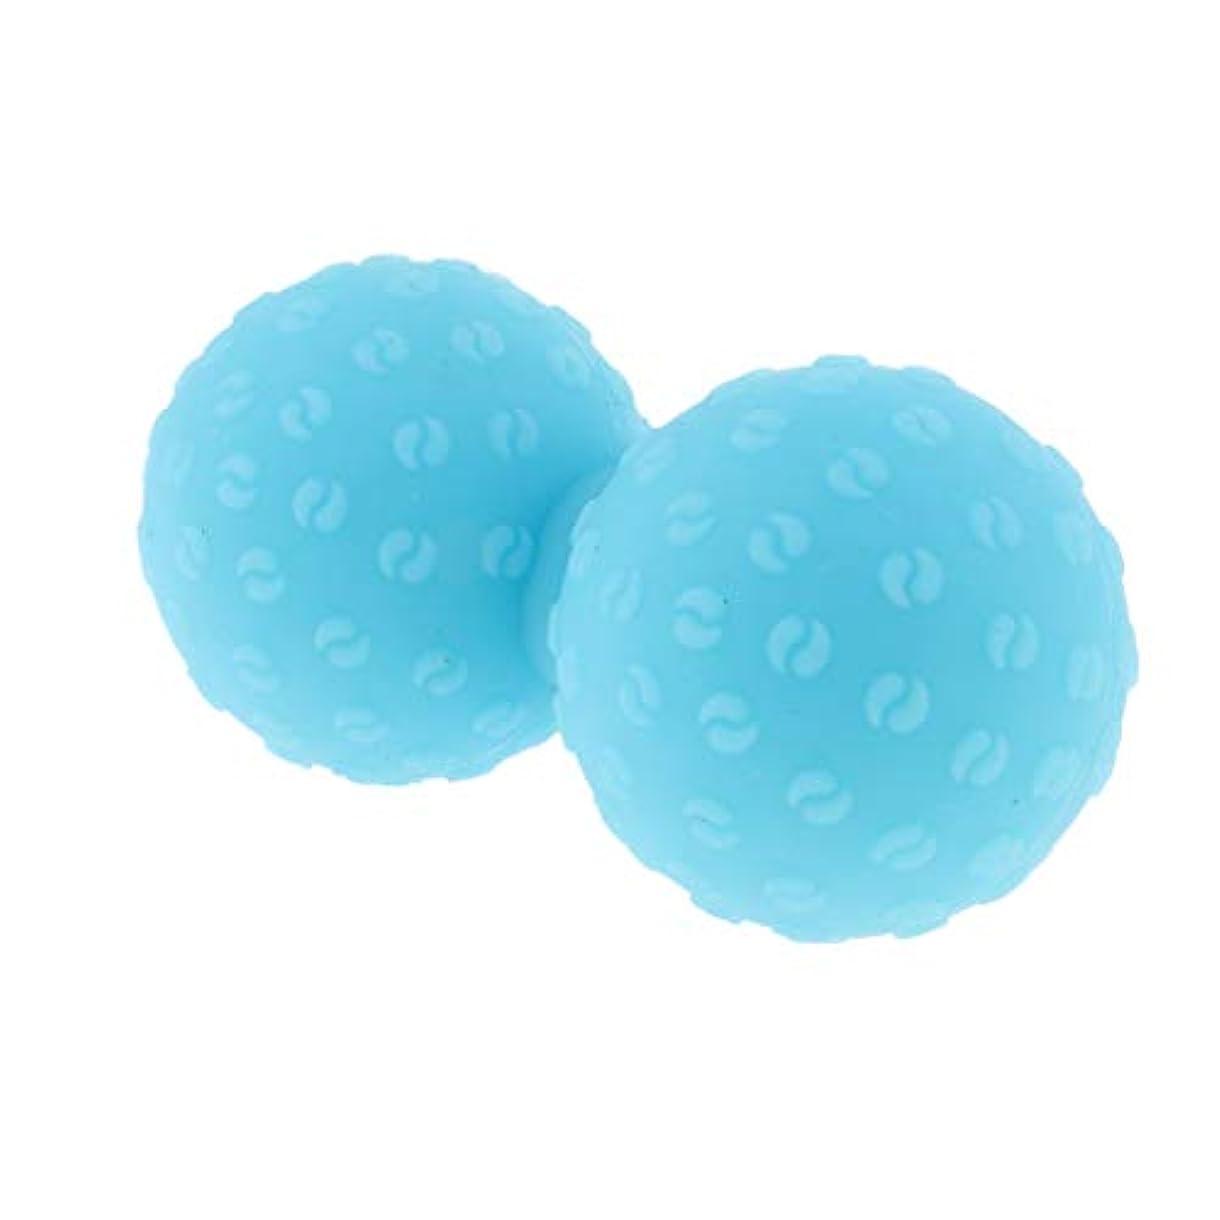 アート私のキッチンシリコンマッサージボール 指圧ボール ピーナッツ トリガーポイント ツボ押しグッズ ヨガ 全6色 - 青, 説明のとおり